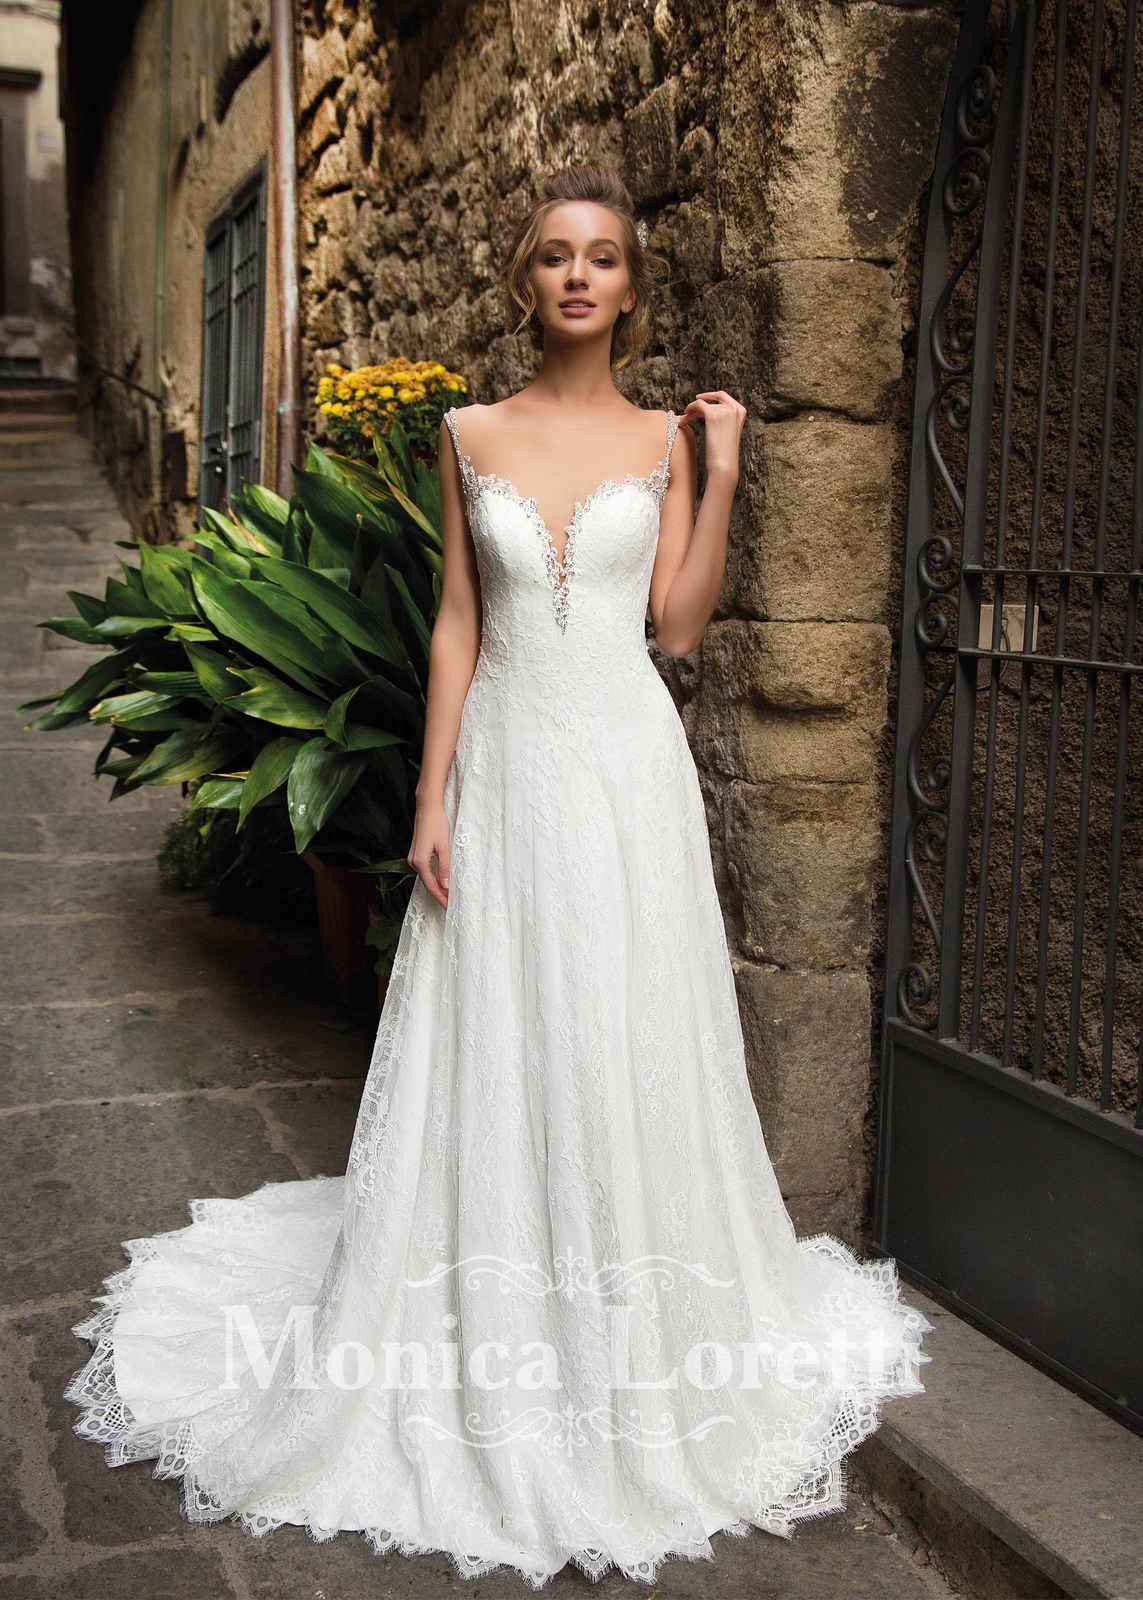 Brautkleid Nency von Monica Loretti auf Jade